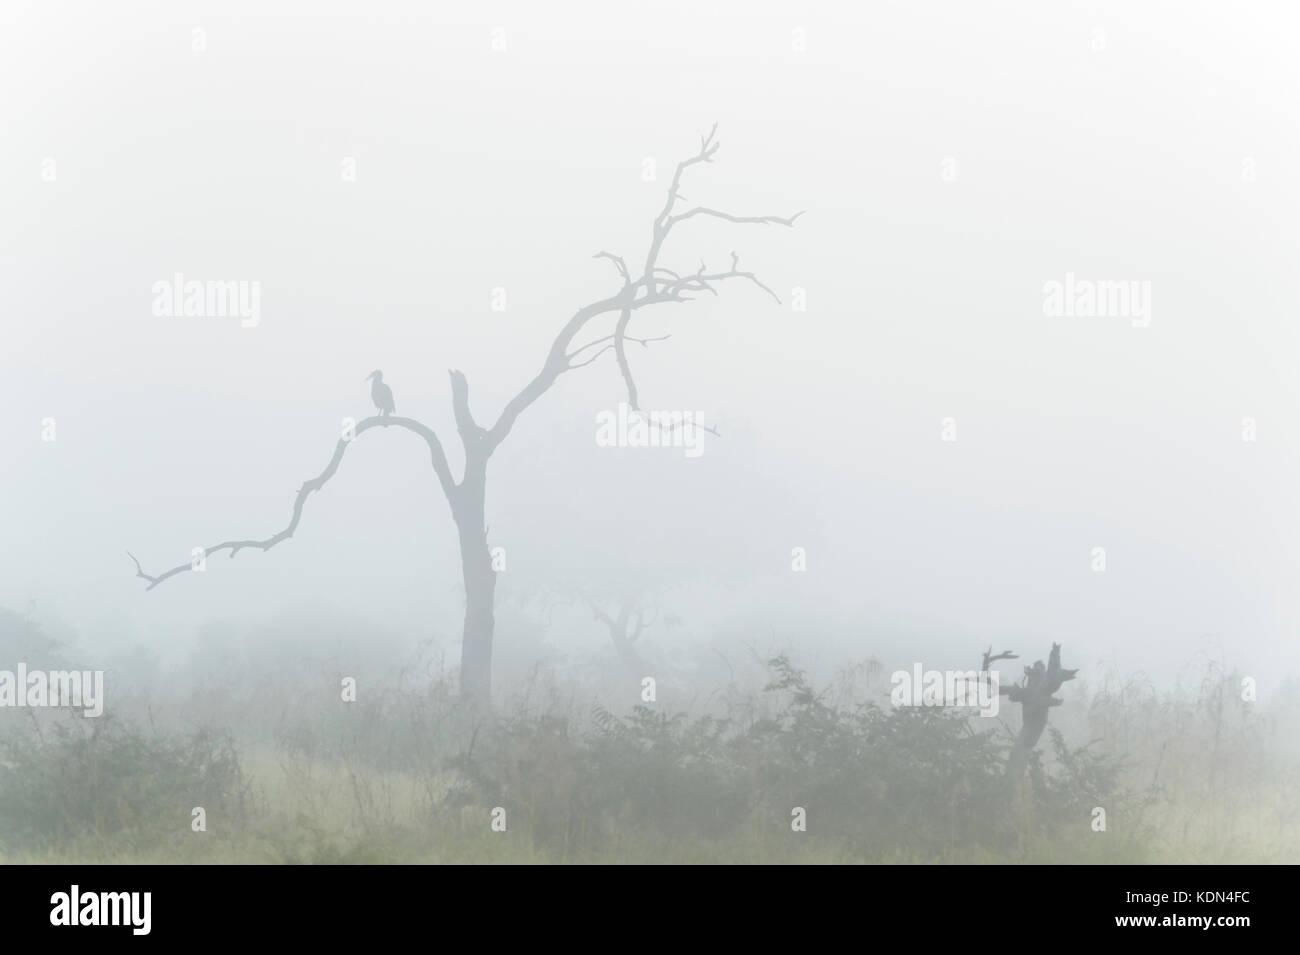 Tierra del sur (bucorvus leadbeateri bucero) encaramado en un árbol durante la niebla matutina, el parque nacional Kruger, Sudáfrica Foto de stock